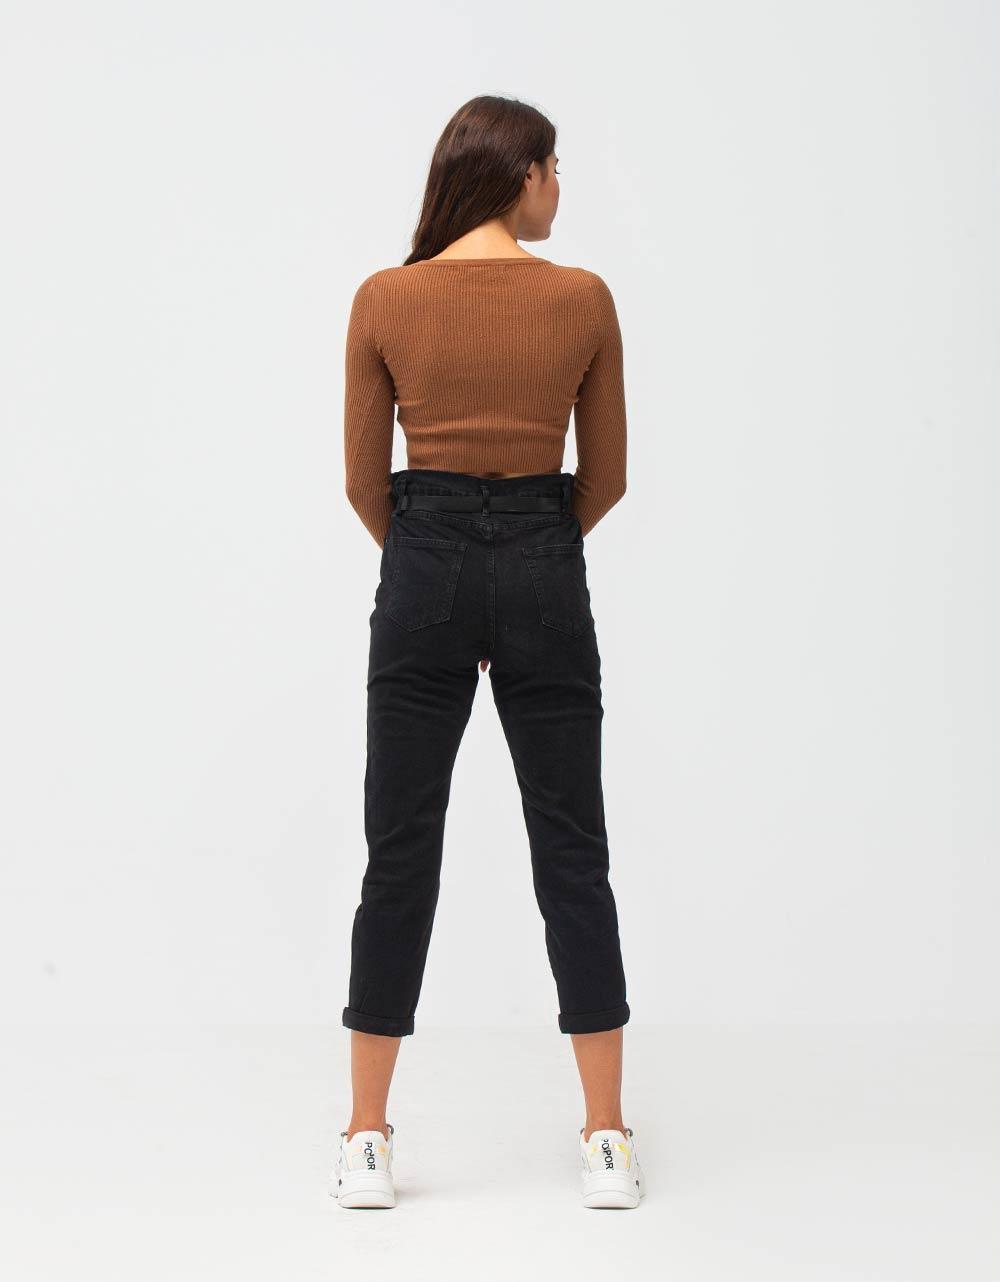 Εικόνα από Γυναικεία μπλούζα crop top ριπ Καφέ